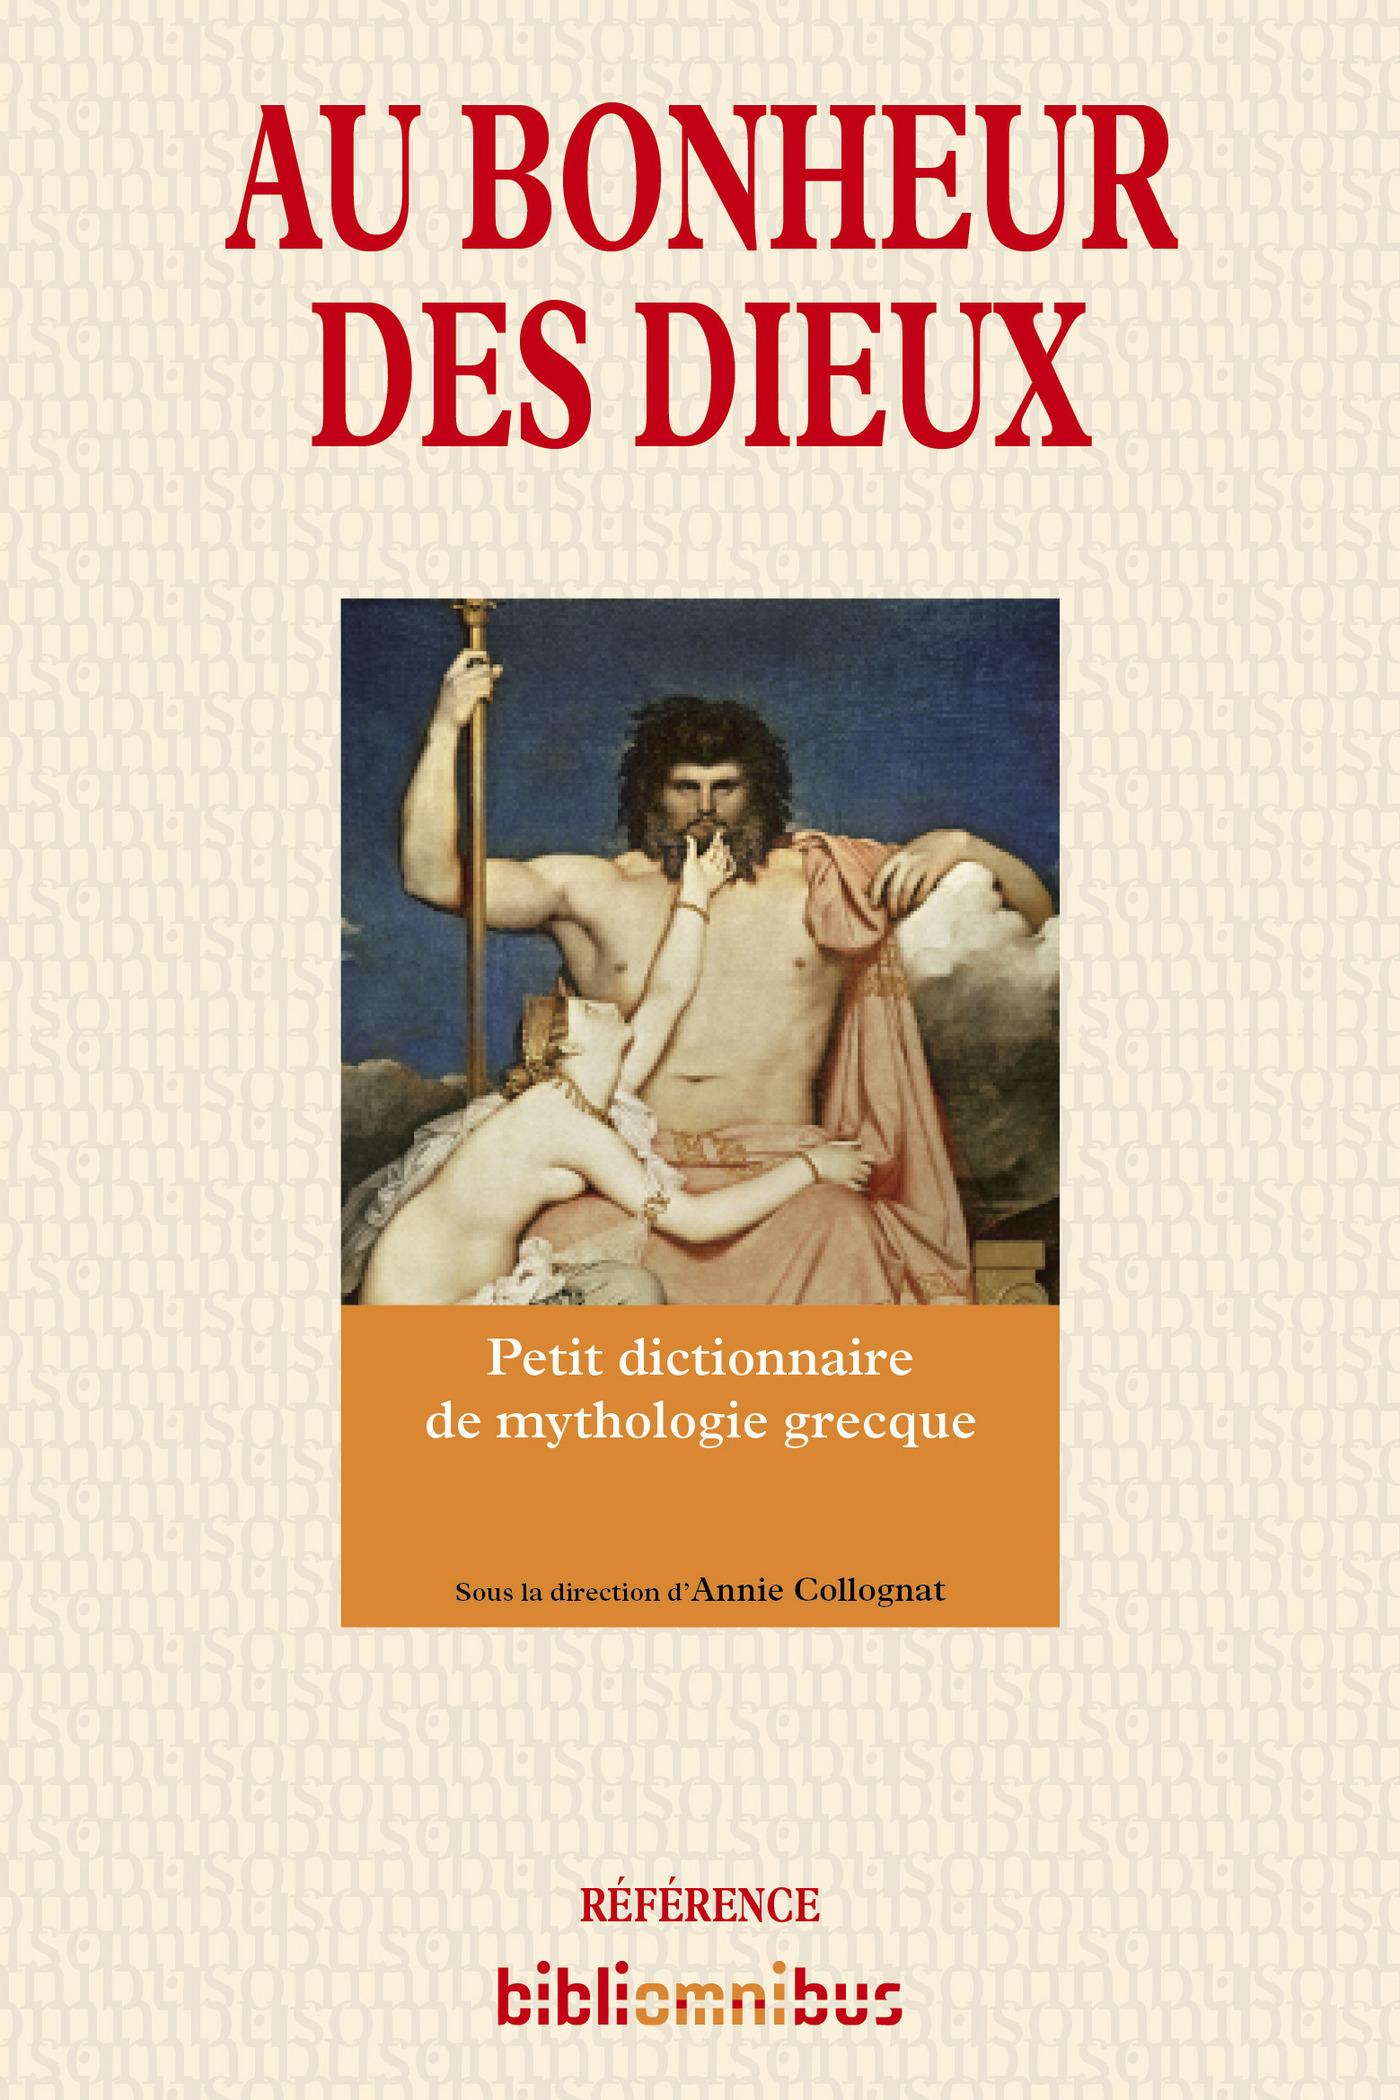 Au bonheur des dieux (ebook)